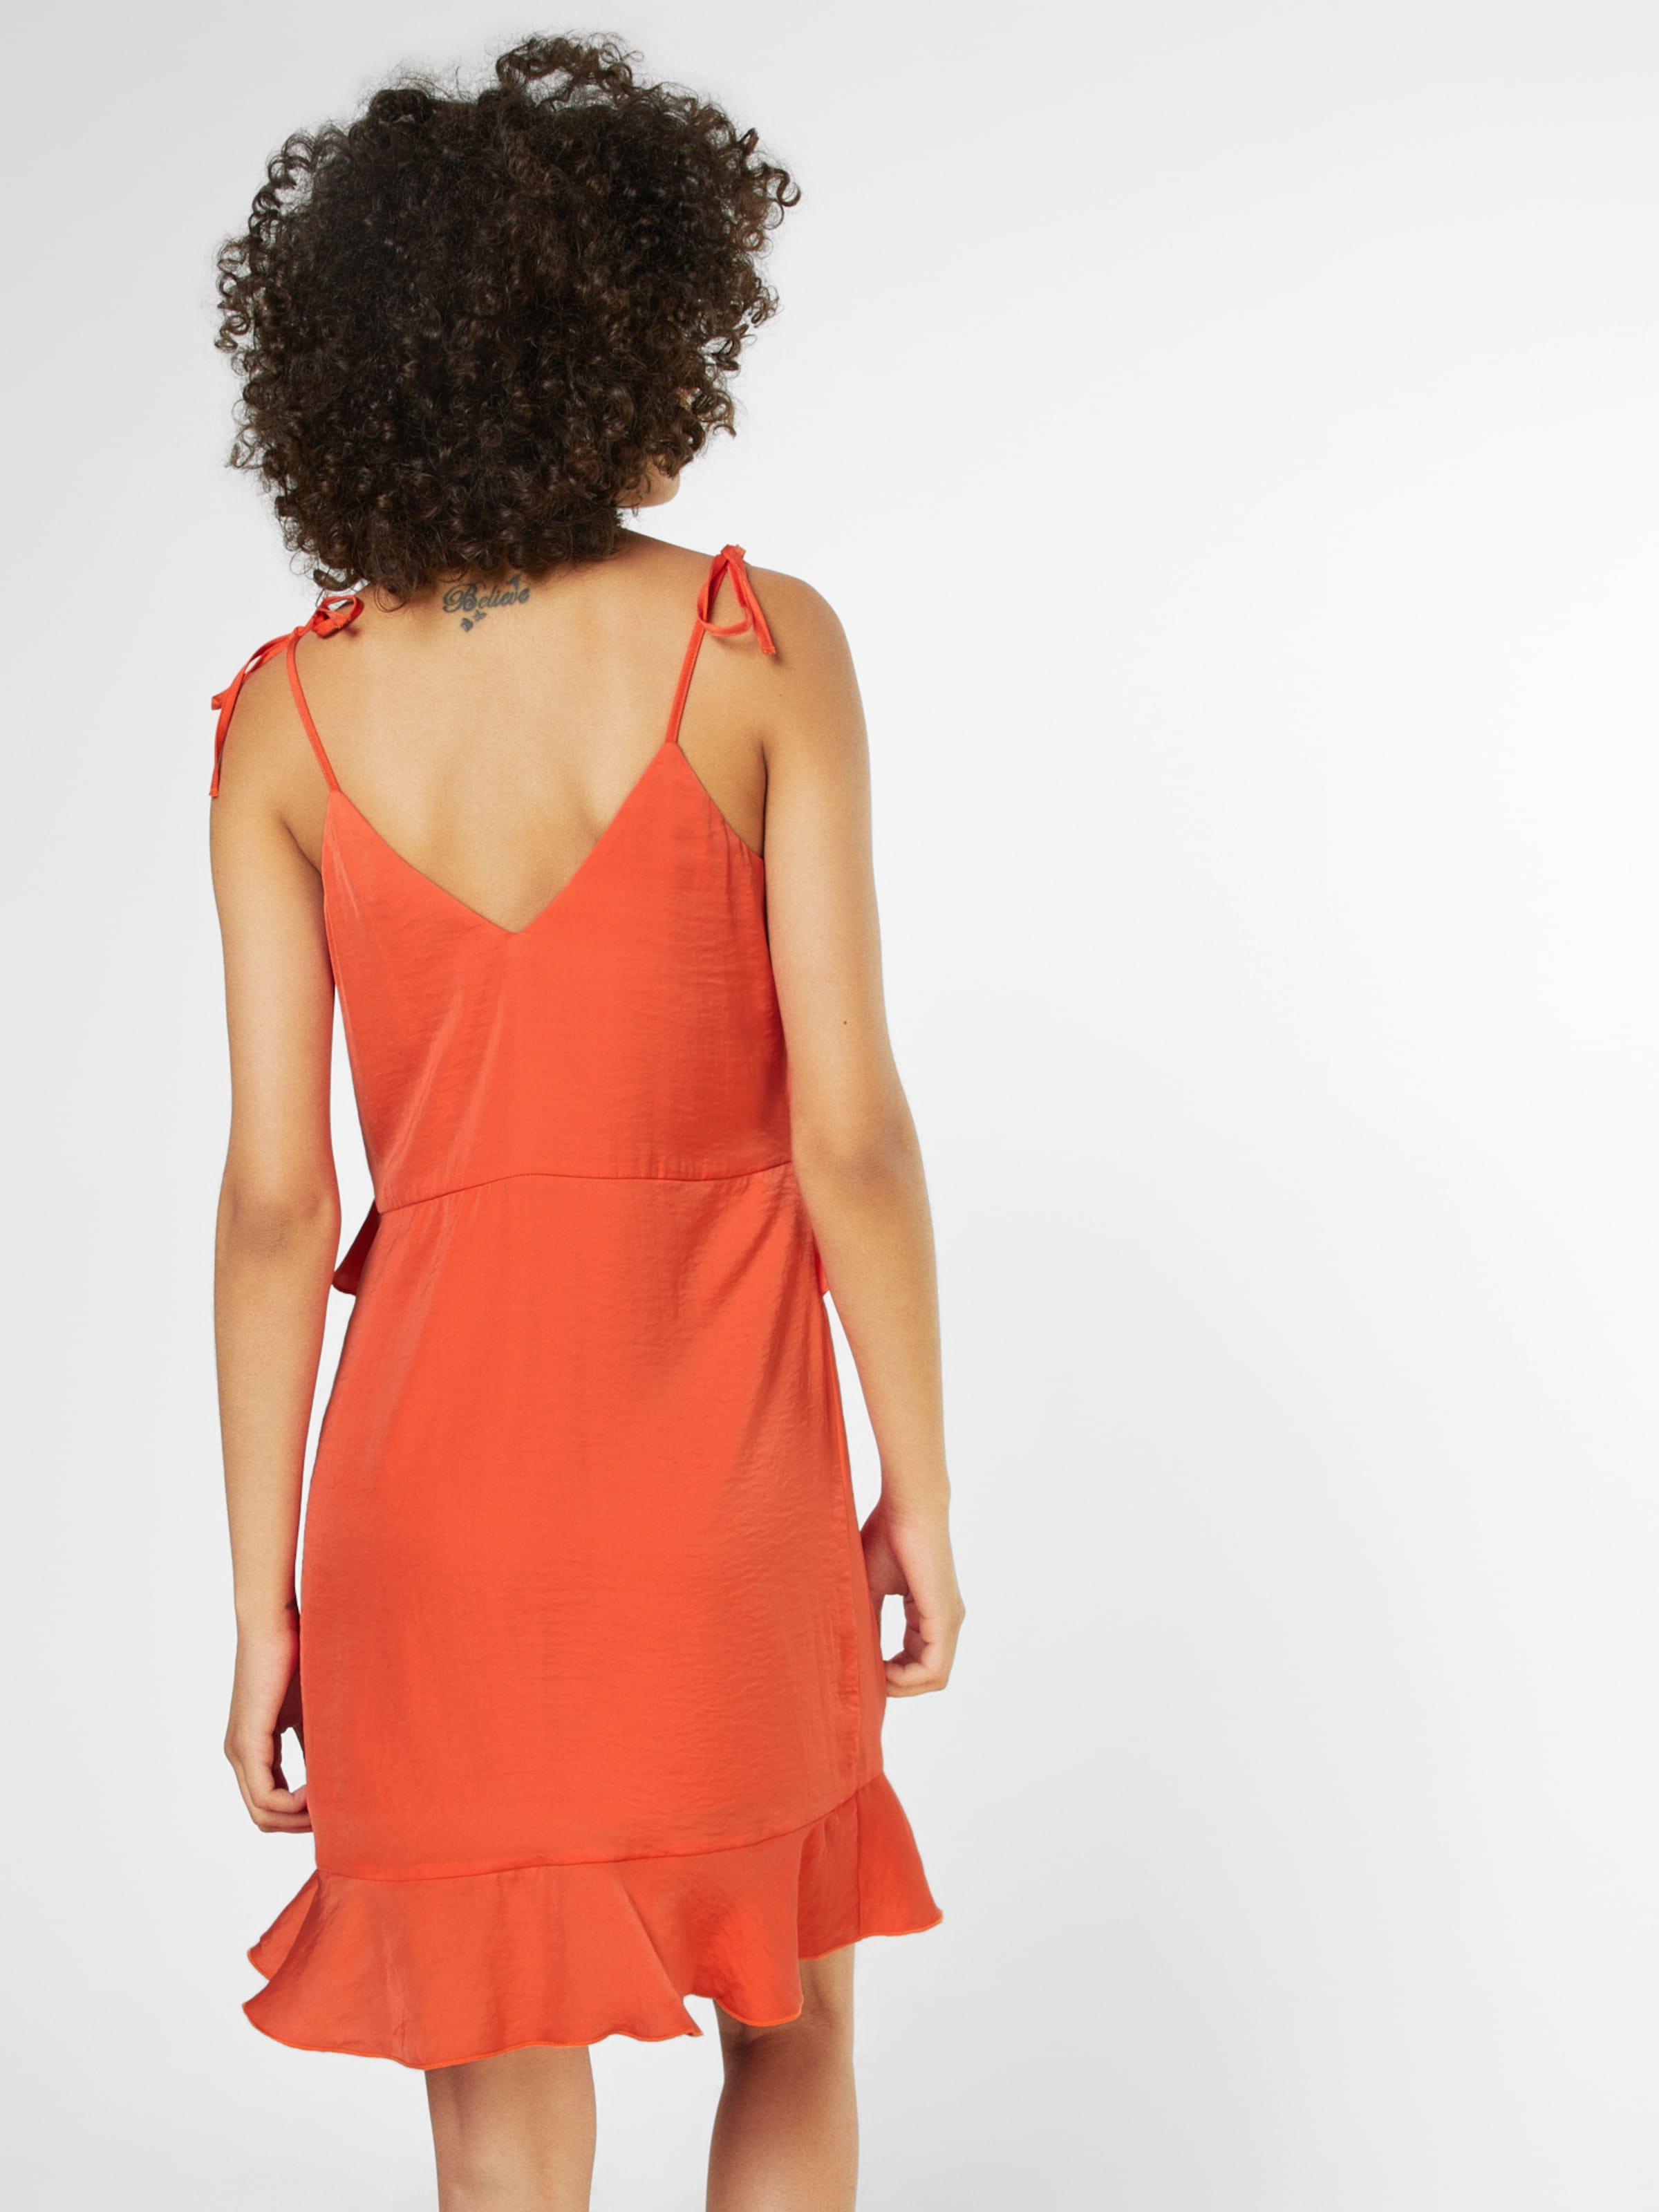 Kleid Kleid In 'reyla' Ivyrevel 'reyla' In Orange Ivyrevel Ivyrevel Kleid Orange nw0OPk